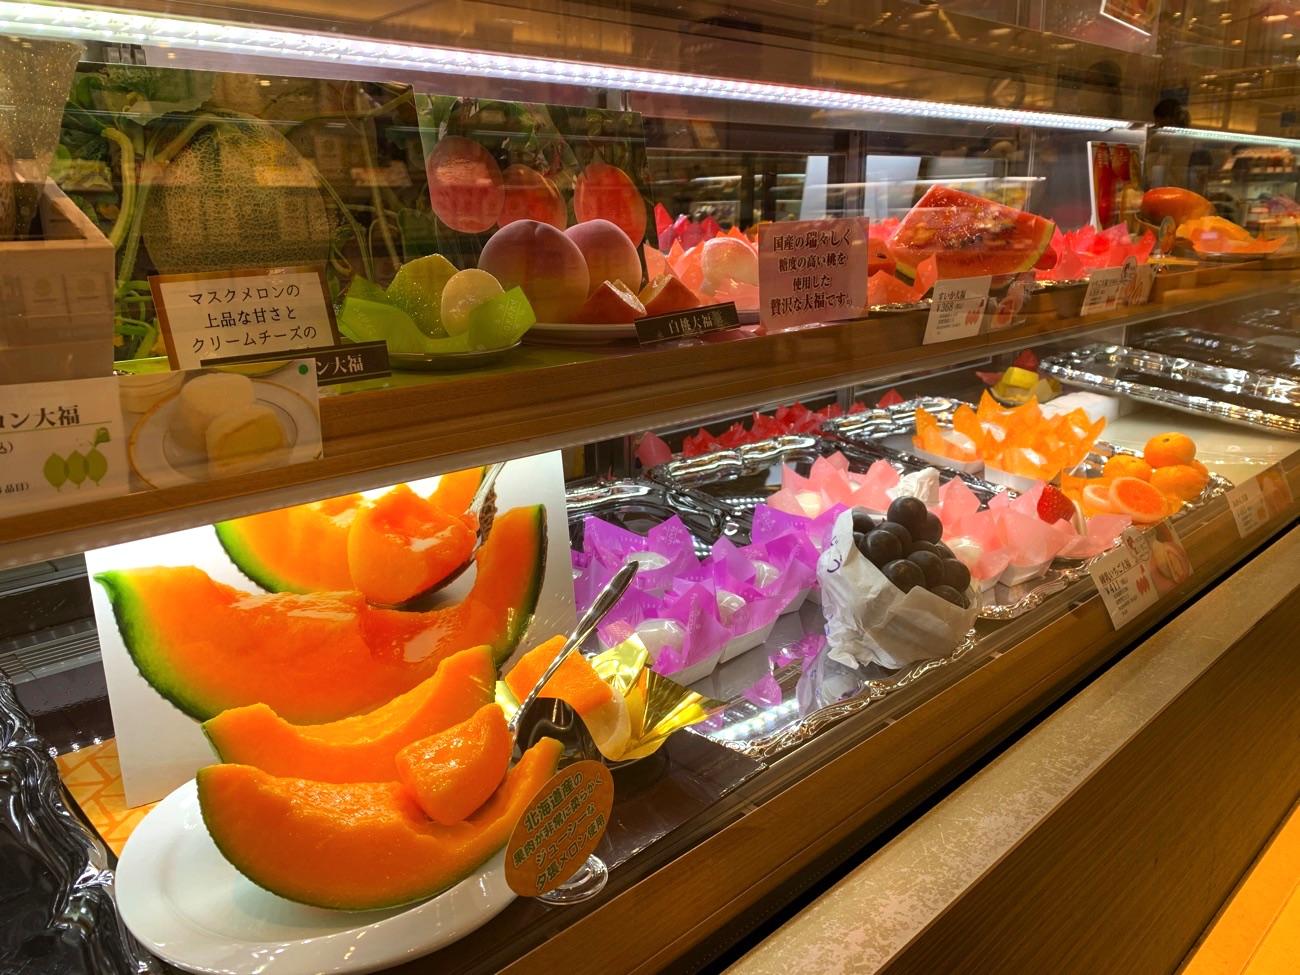 旬の果物の大福が店頭に並ぶ